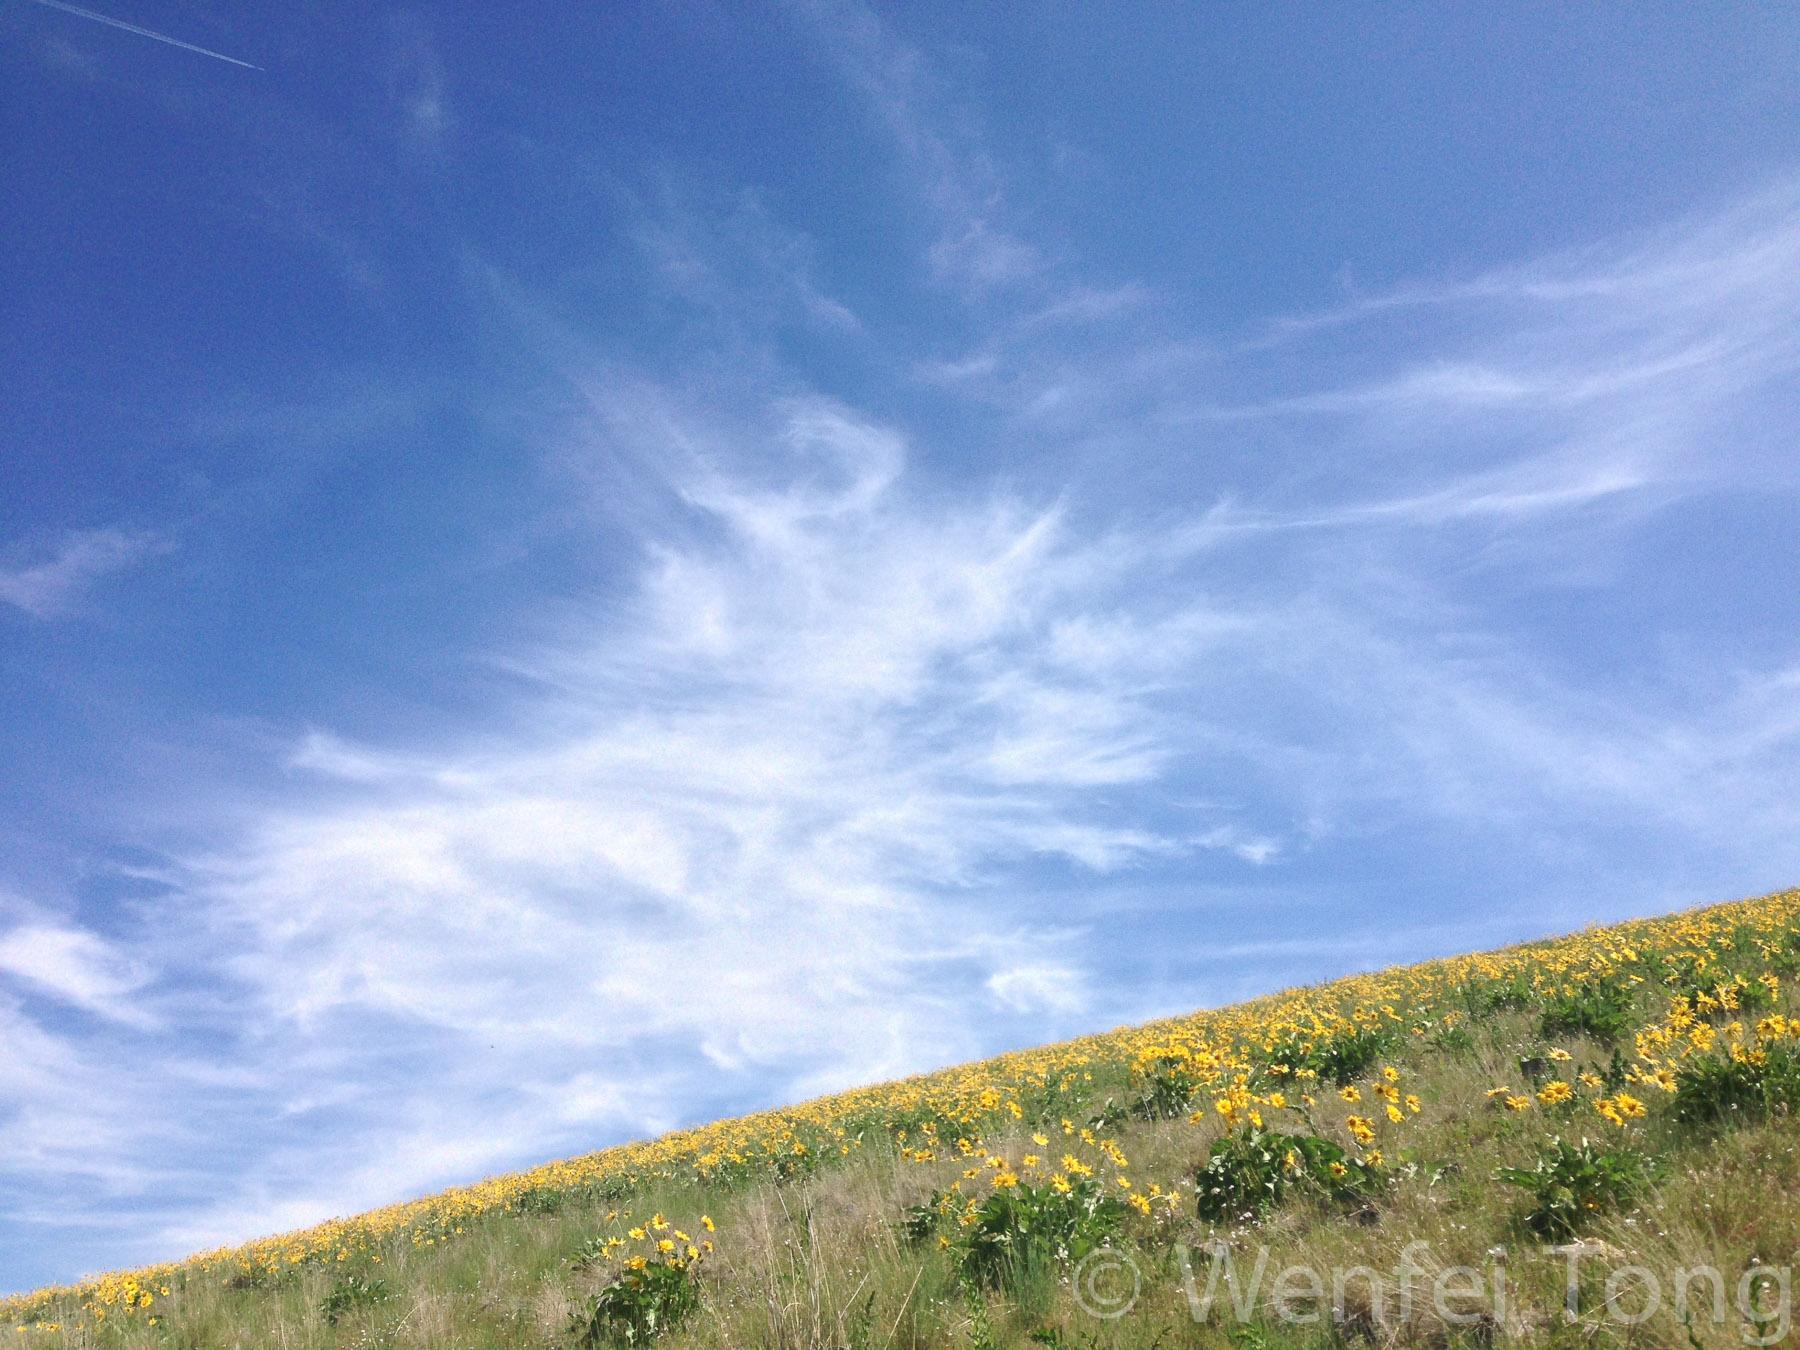 Arrowleaf balsamroot in bloom